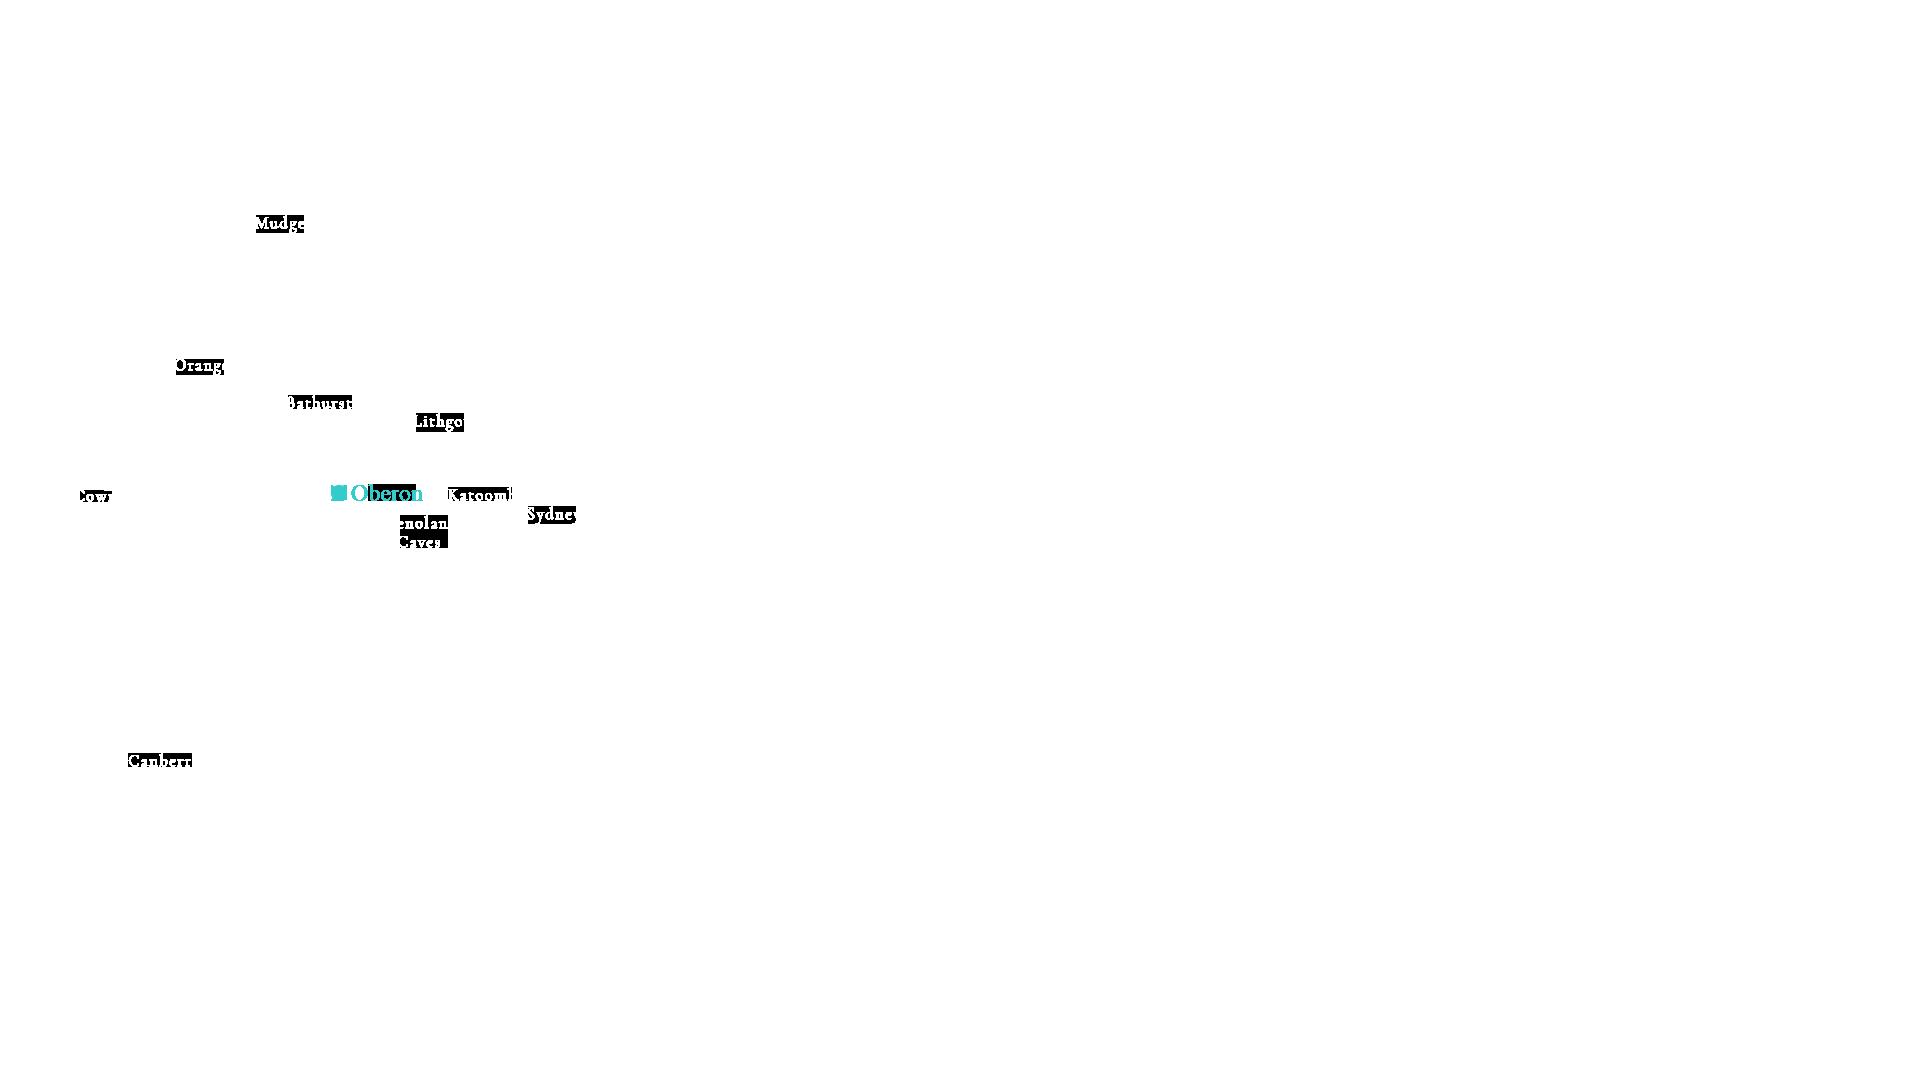 Oberon Map - Overlay | Visit Oberon